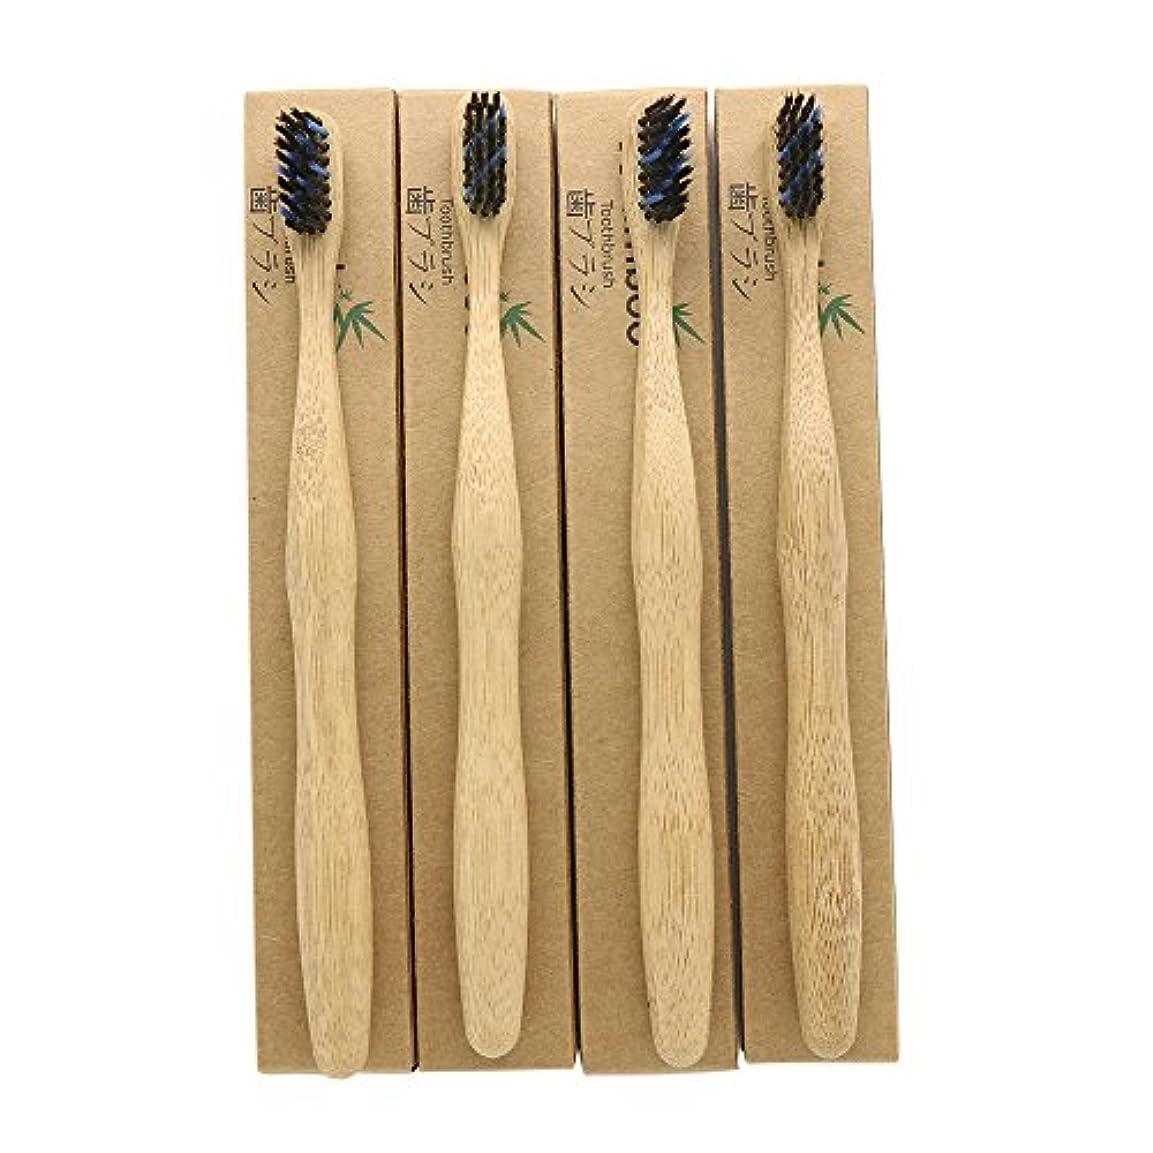 探偵復活捧げるN-amboo 竹製耐久度高い 歯ブラシ 黒いと青い 4本入り セット